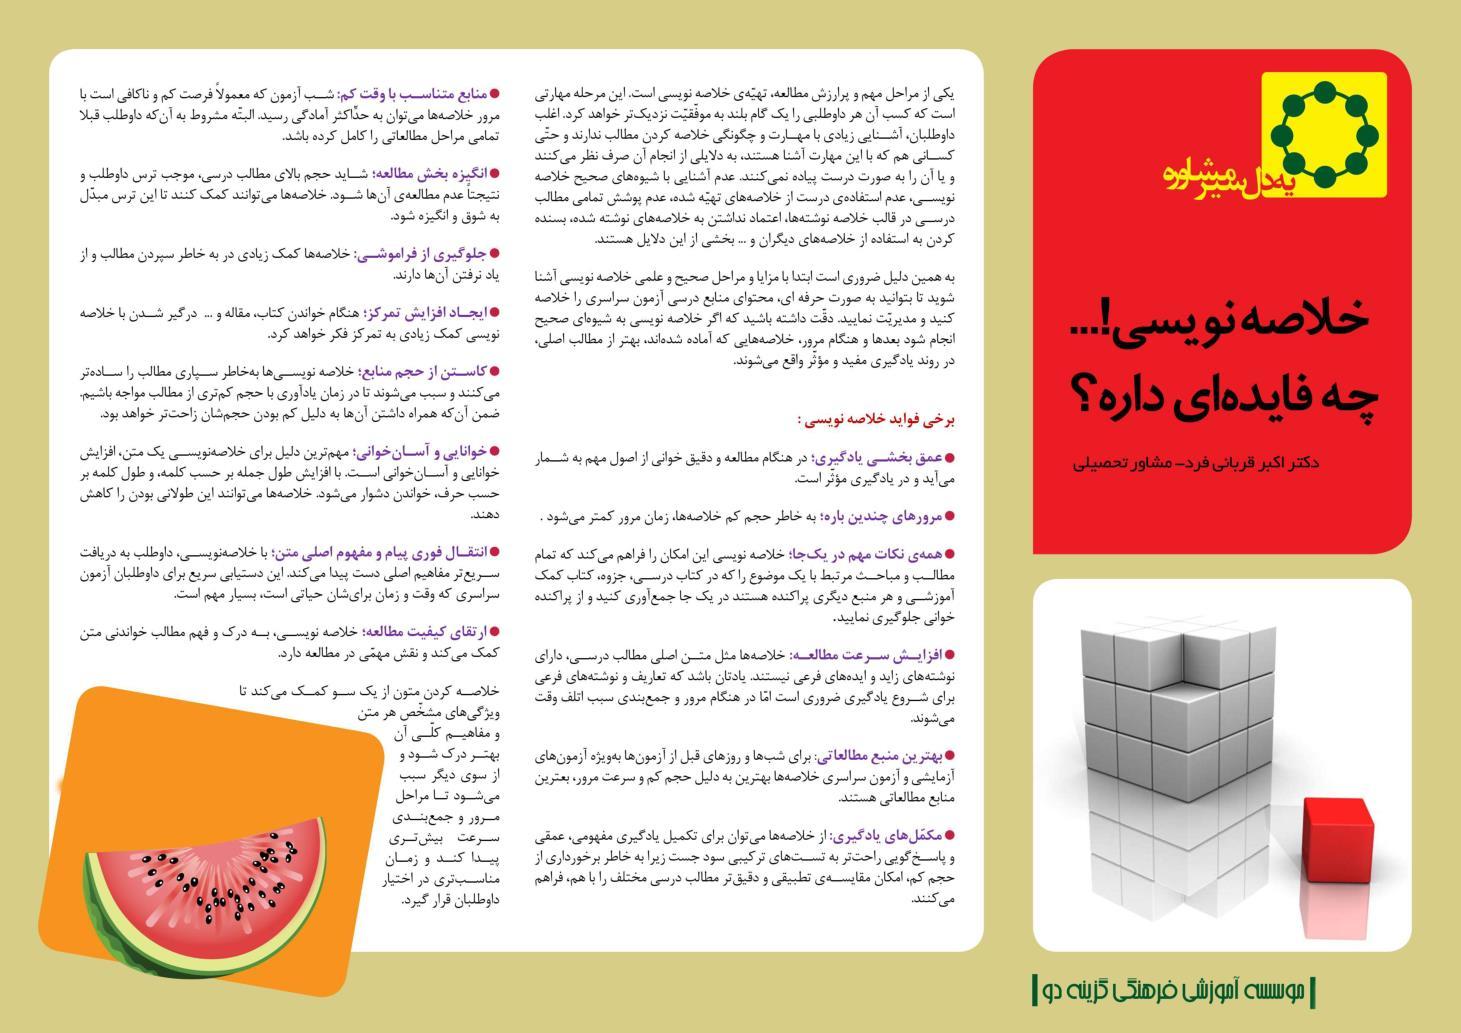 خلاصه نویسی!.... چه فایده ای داره؟ (PDF)